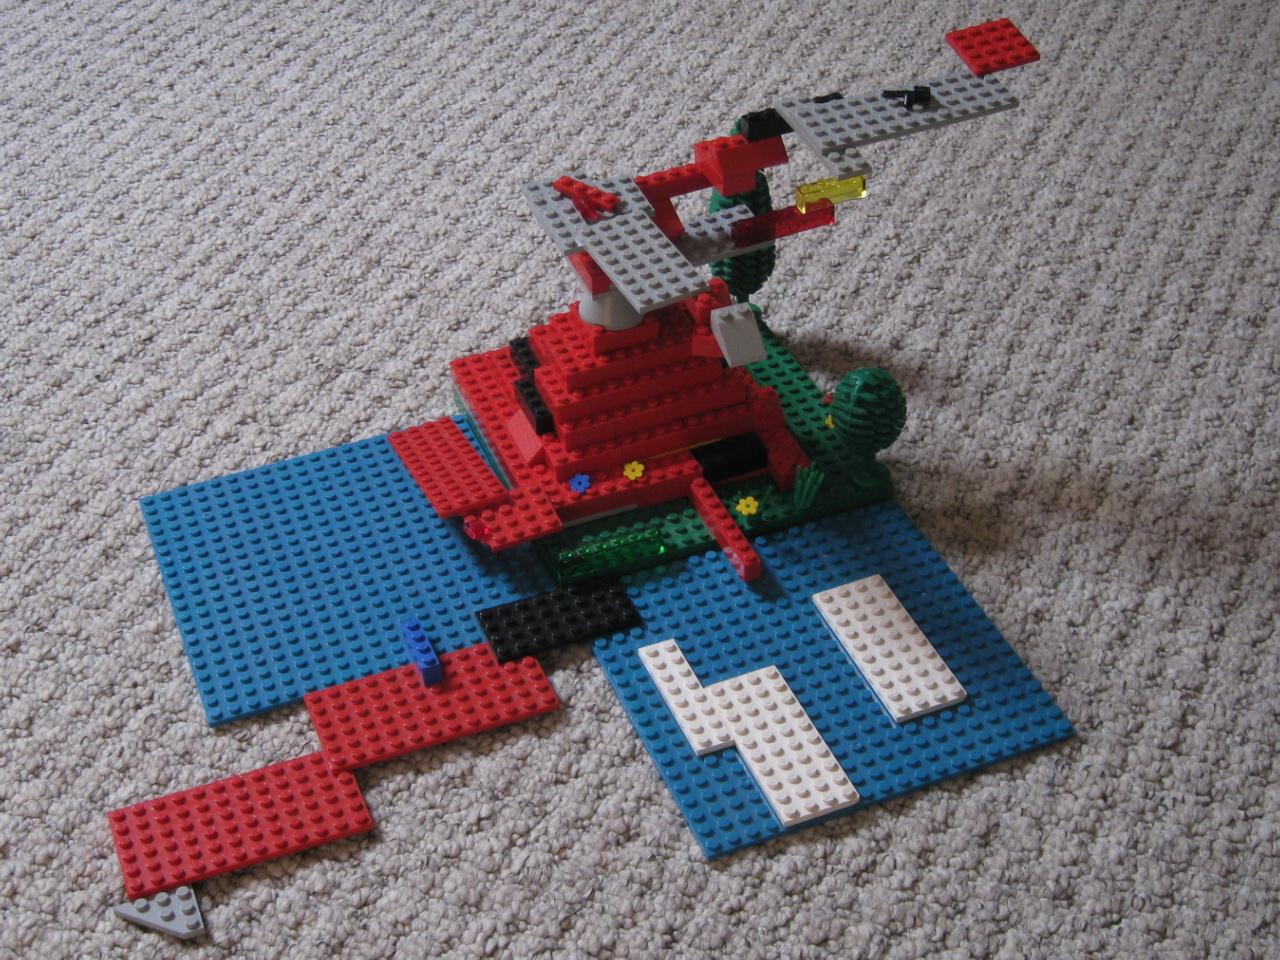 Lego Vesuvius erupting (c) Bryn and Isaac